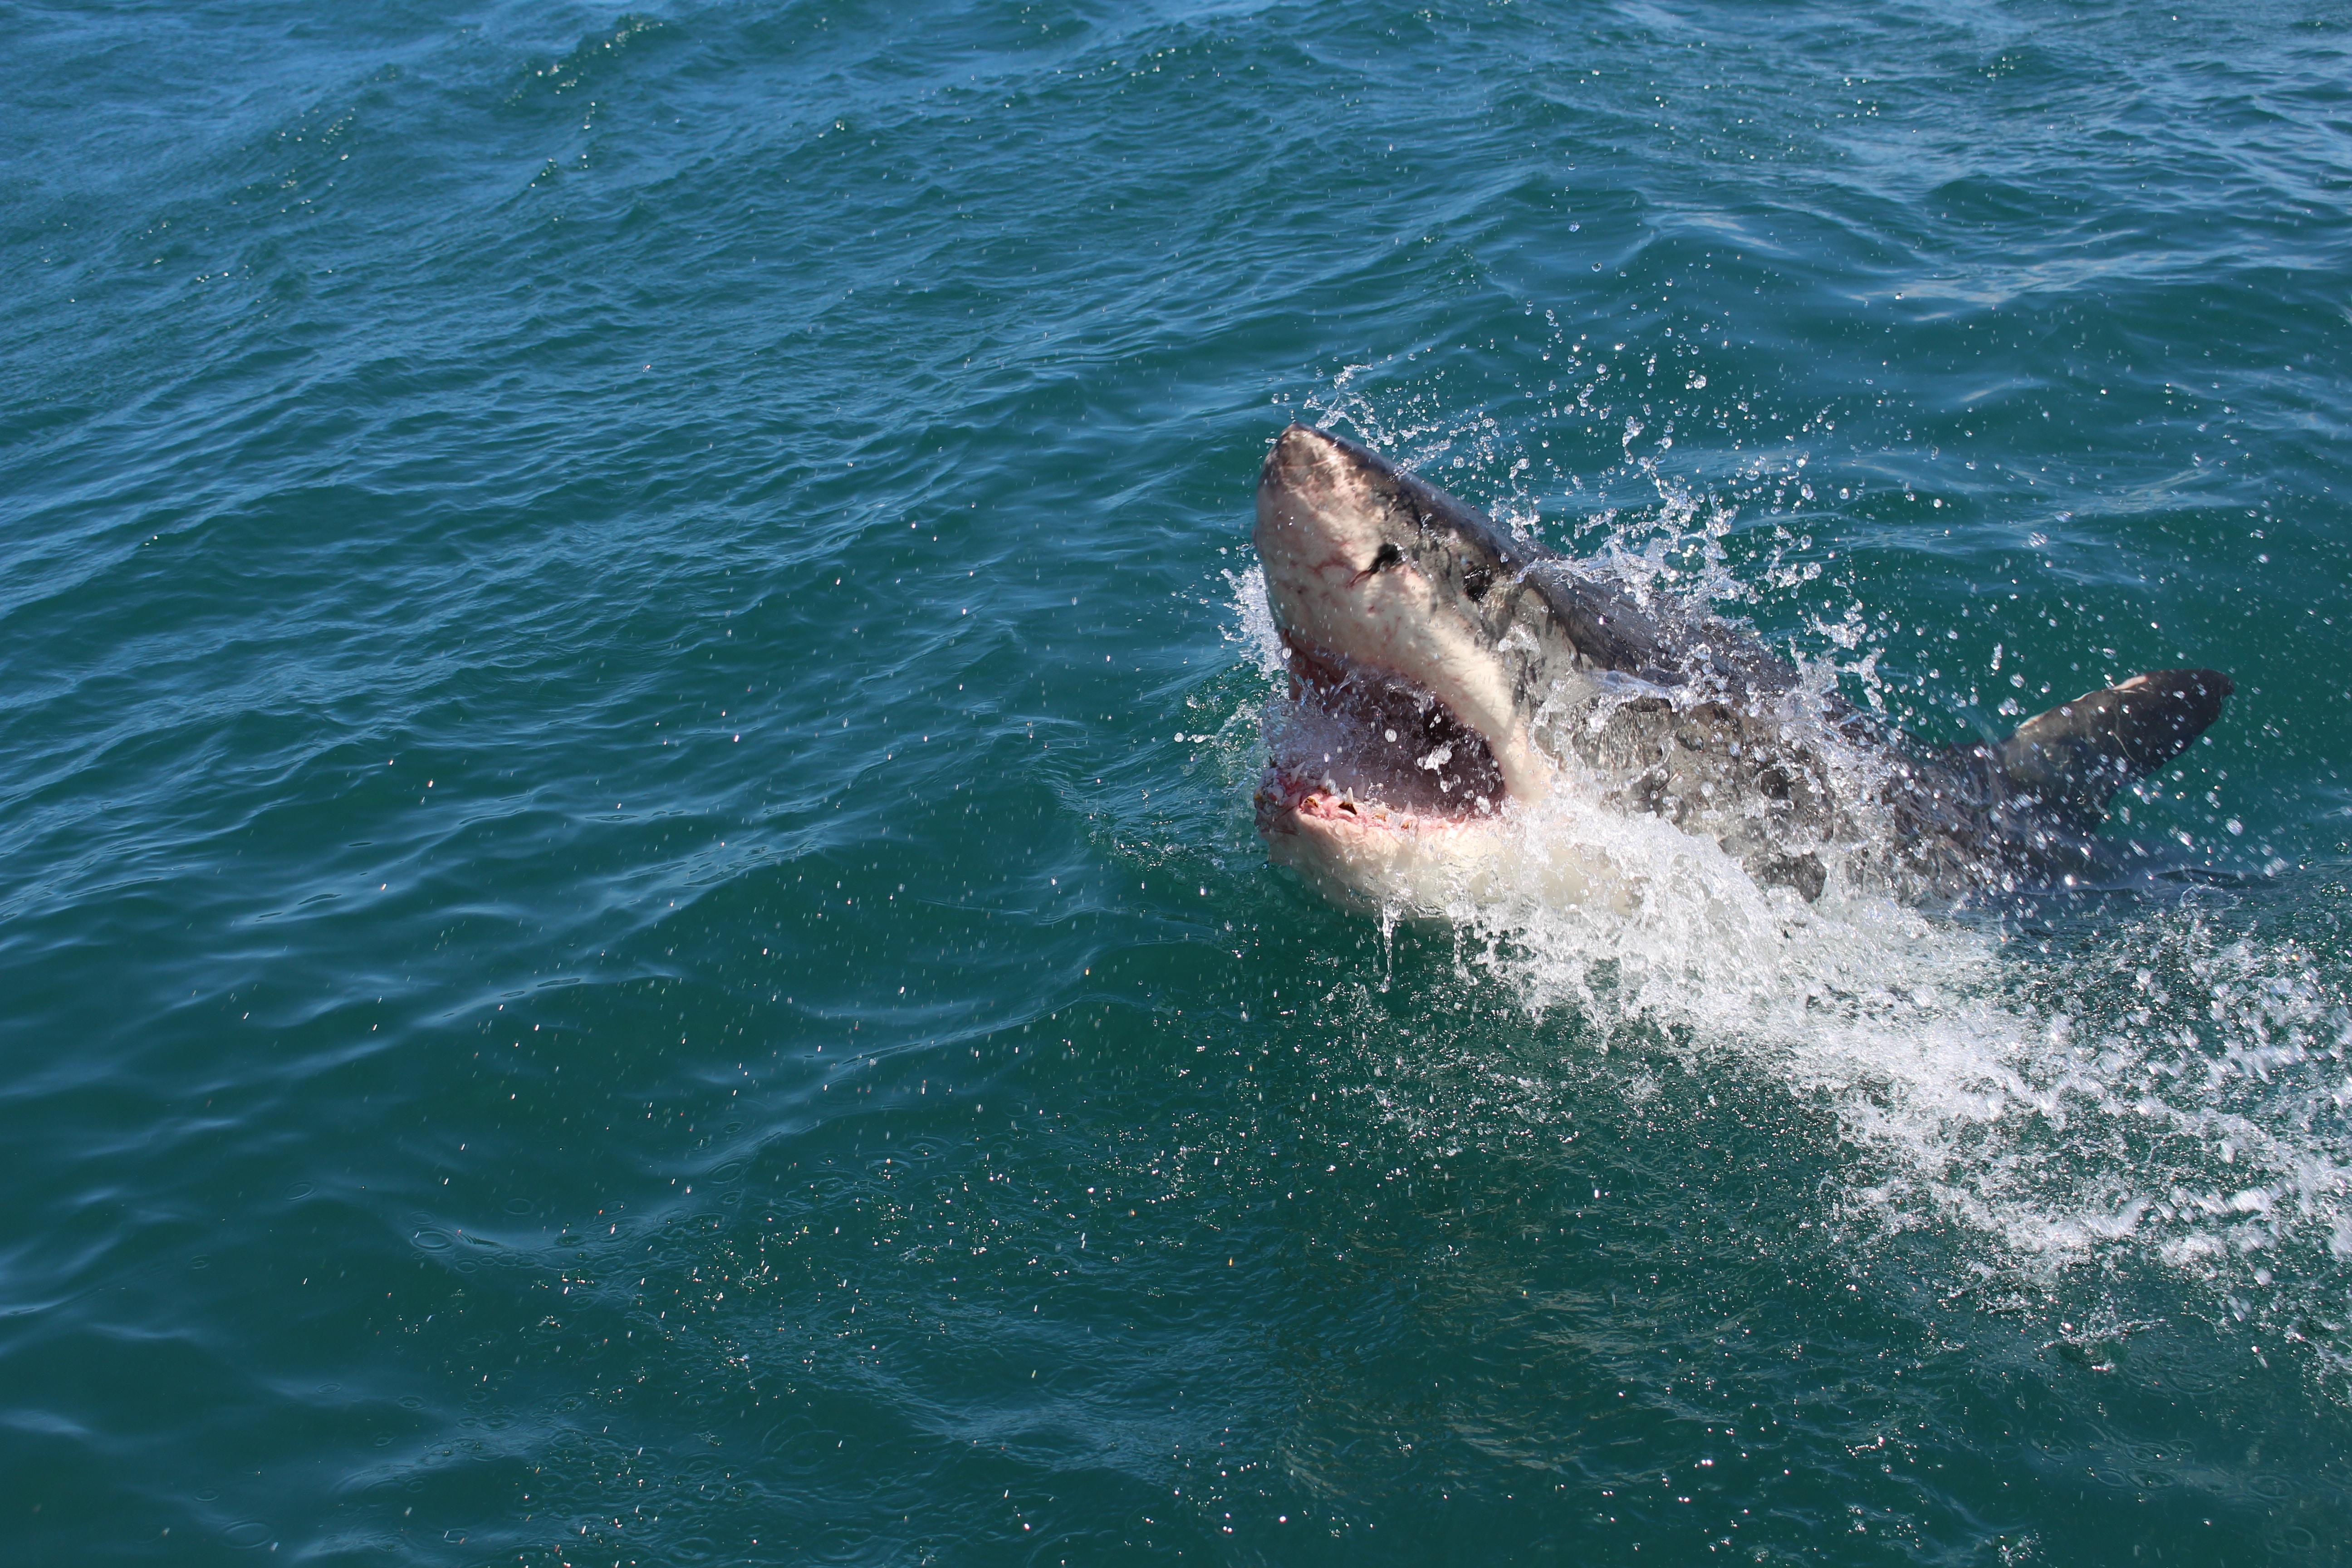 【夢占い】夢でサメを見たのは何のサインは?サメの夢占いを徹底解説